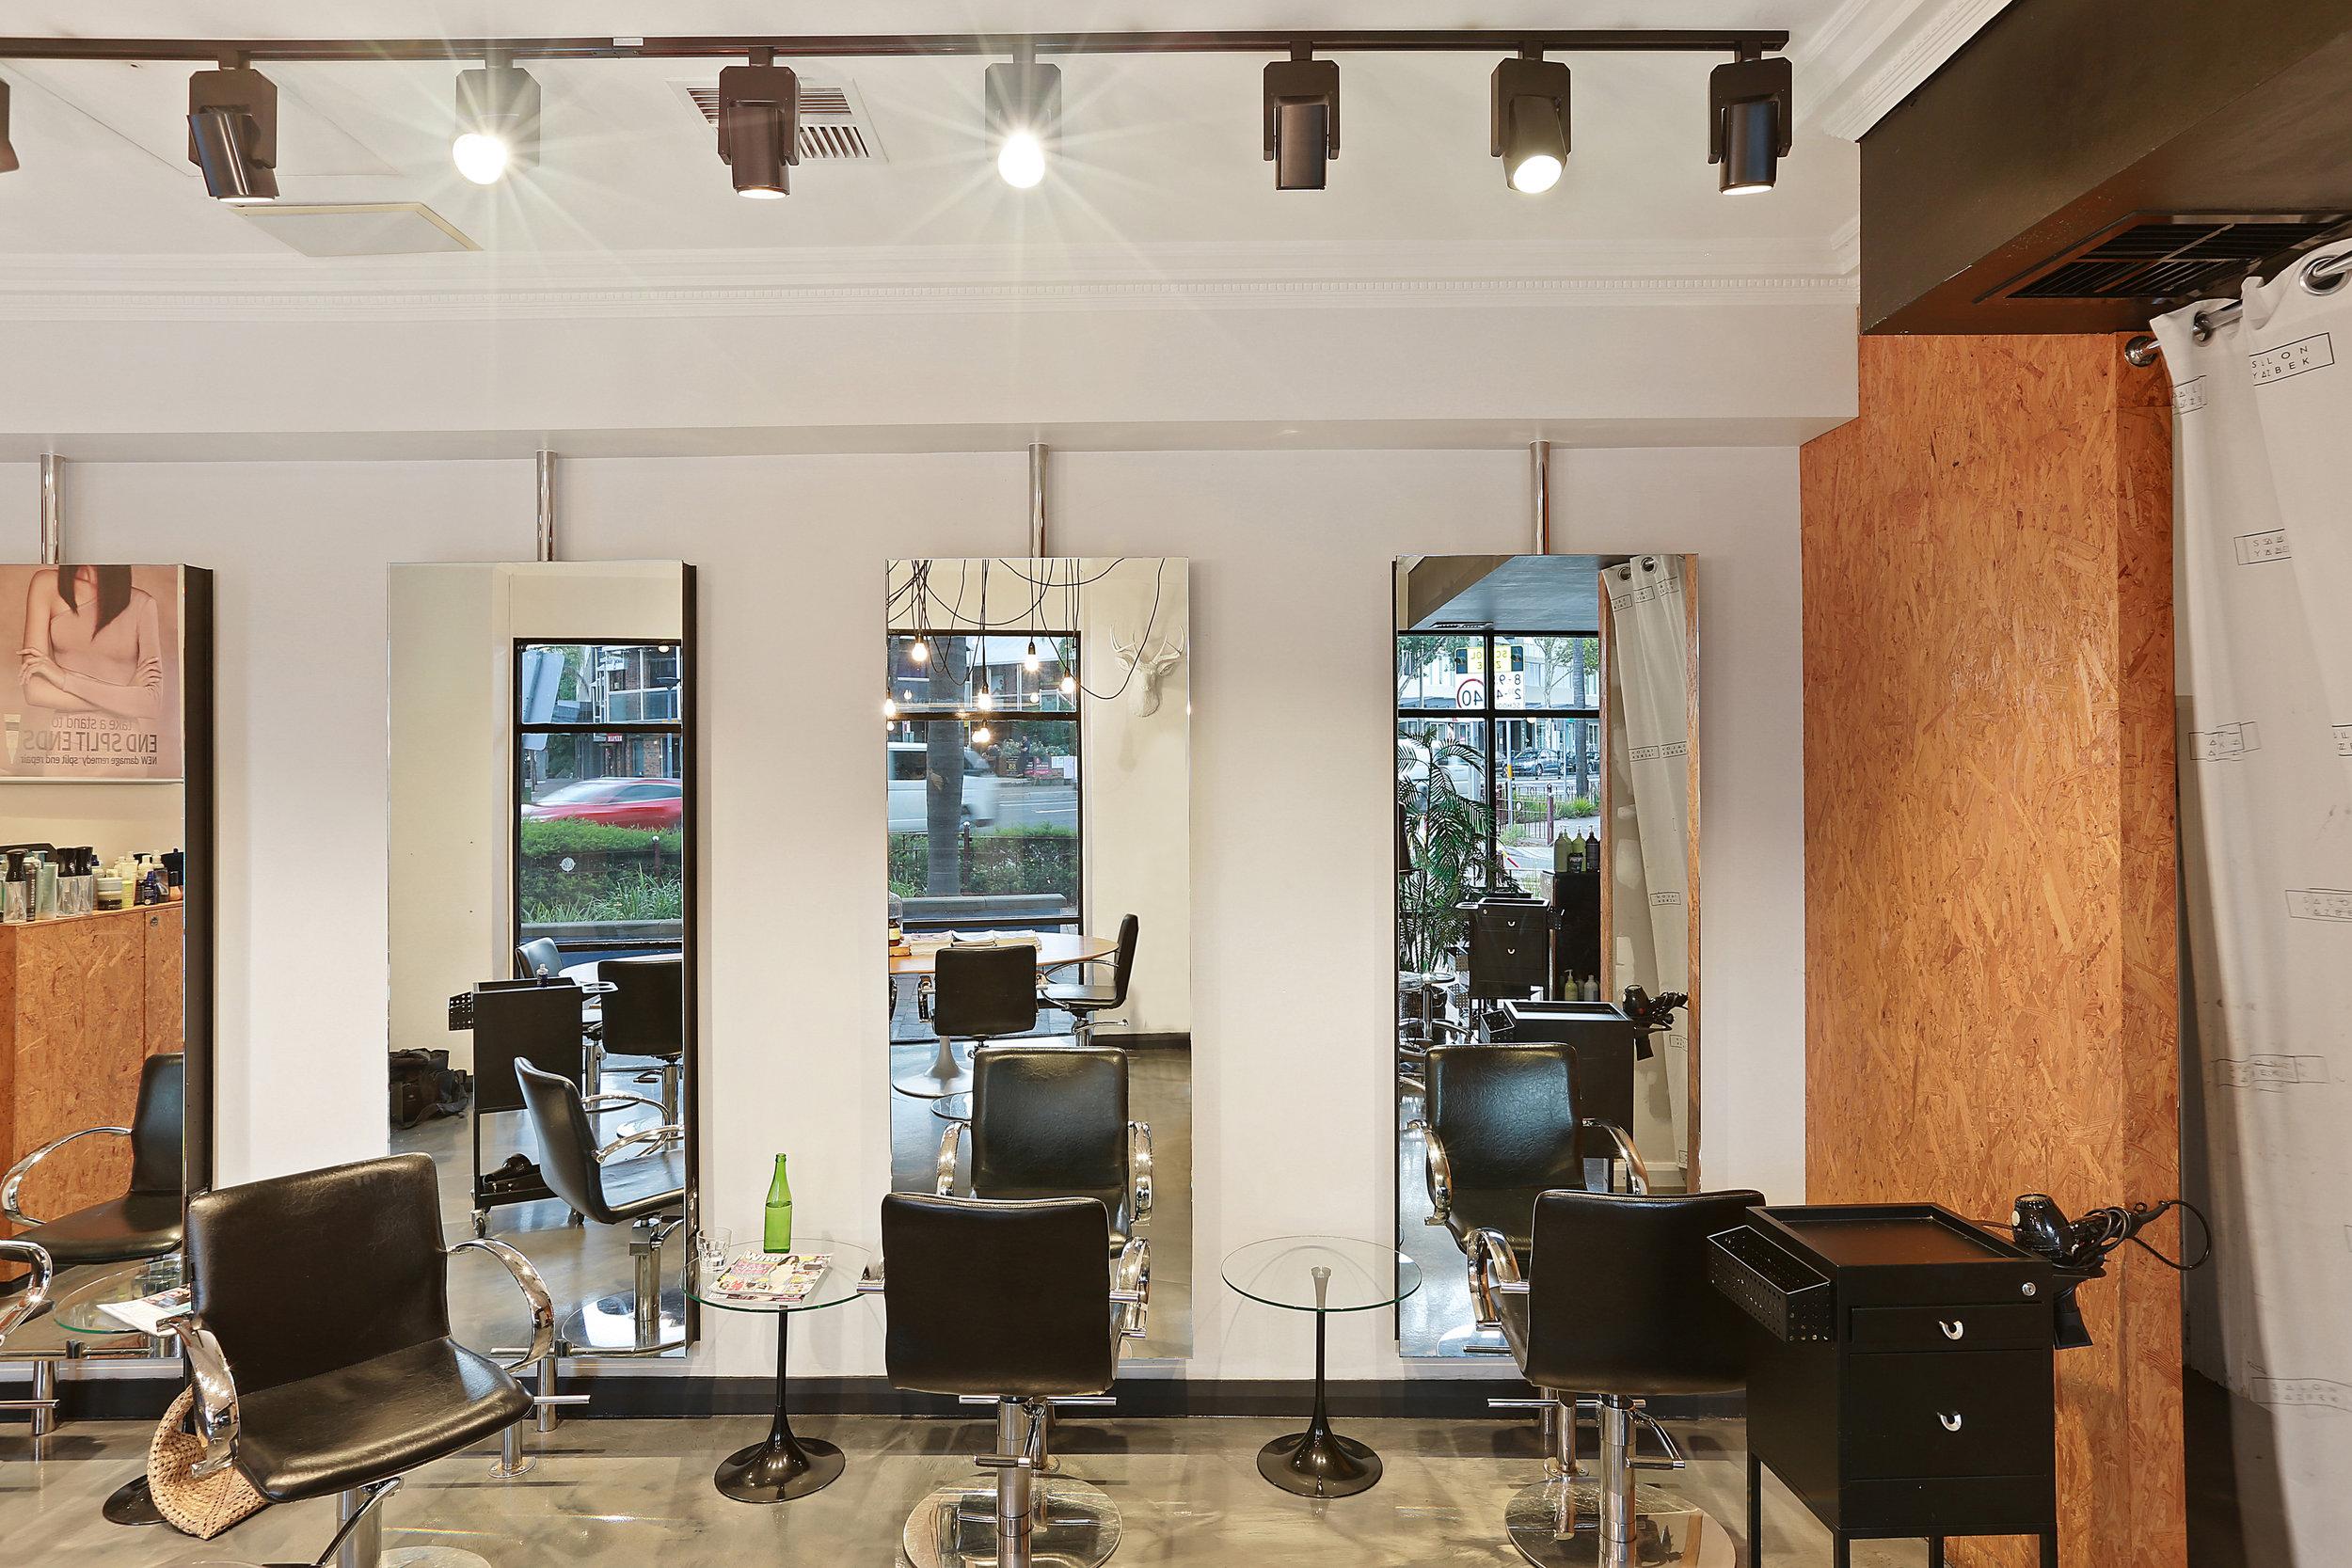 Salon_226_Military_Rd_Neutral_Bay_High_salon_hair_2.jpg